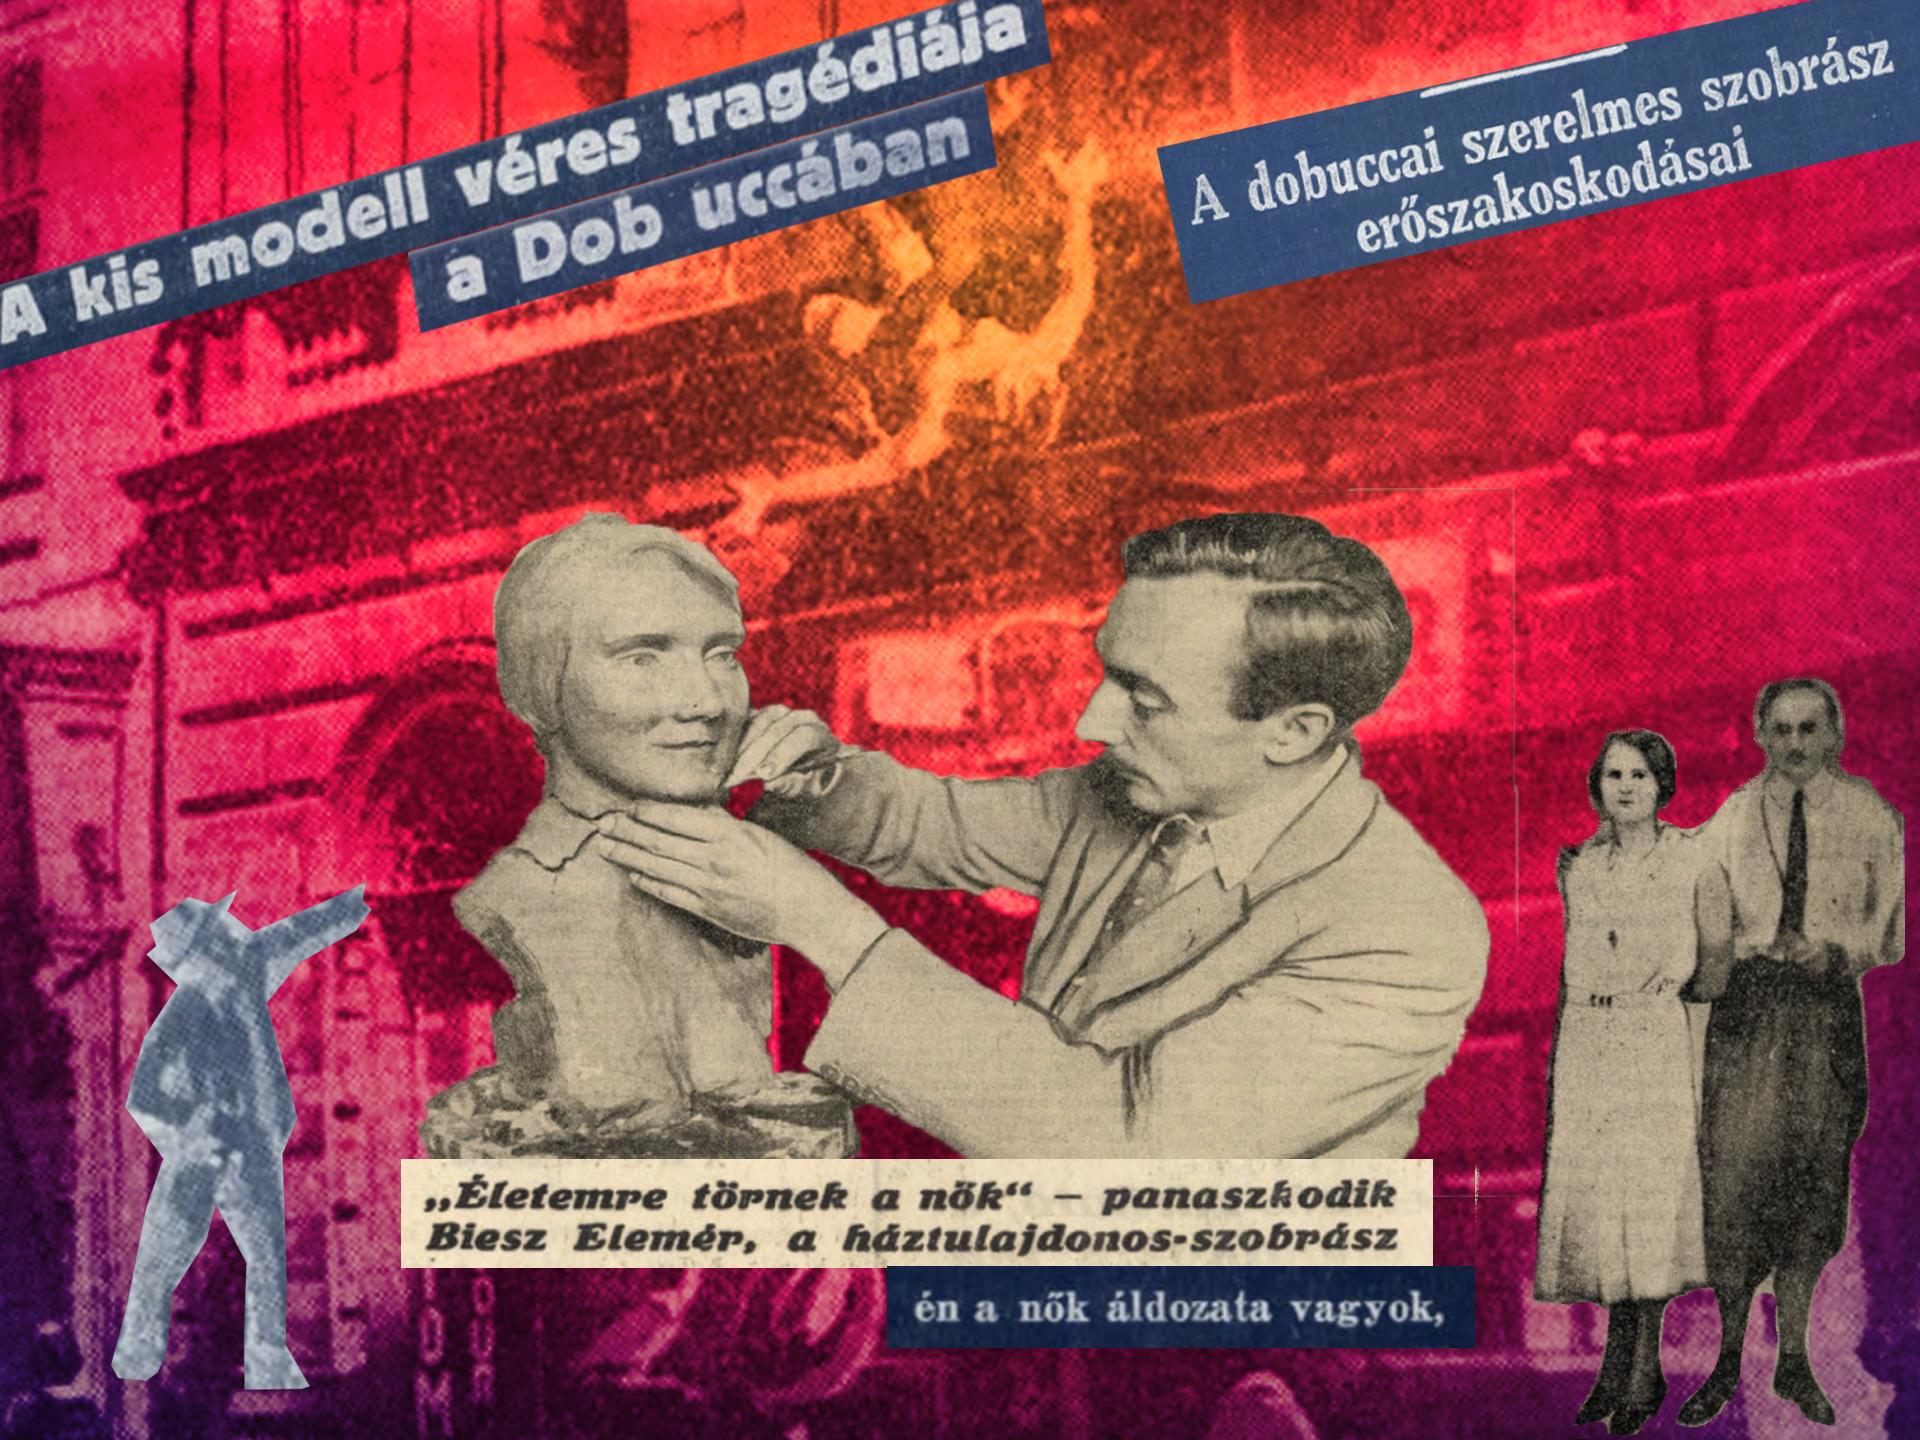 Biesz Elemér verte a nőket, Végvári Boriskát meg kidobta az ablakon, de nem kellett börtönbe mennie